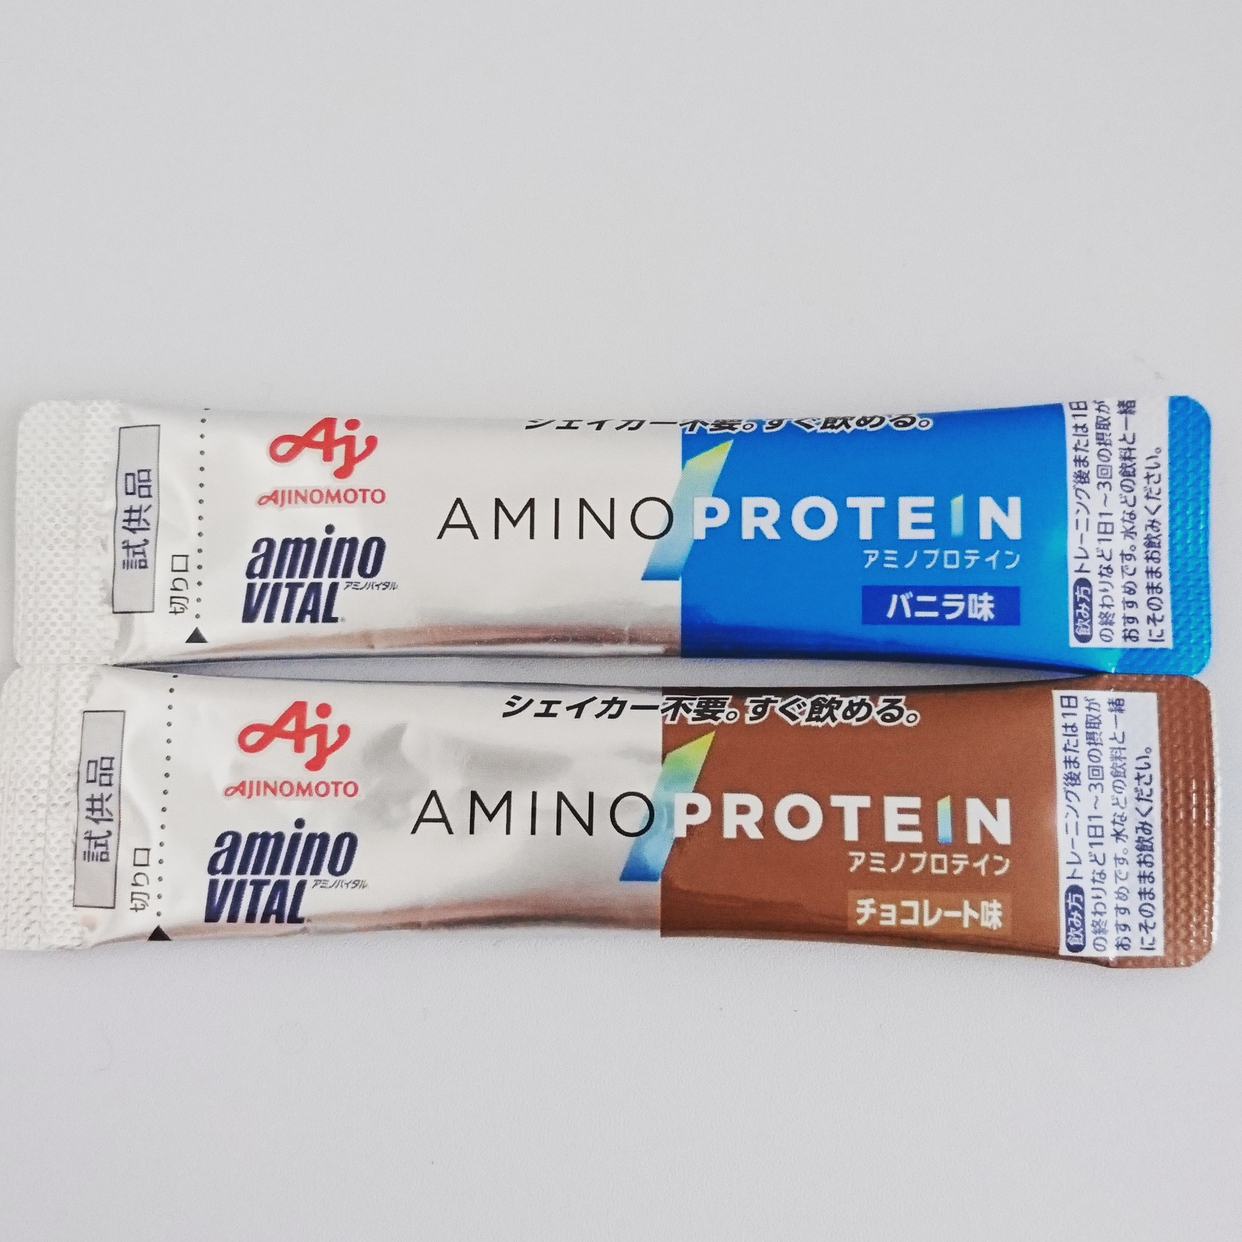 amino VITAL(アミノバイタル) アミノプロテインを使ったchiさんのクチコミ画像